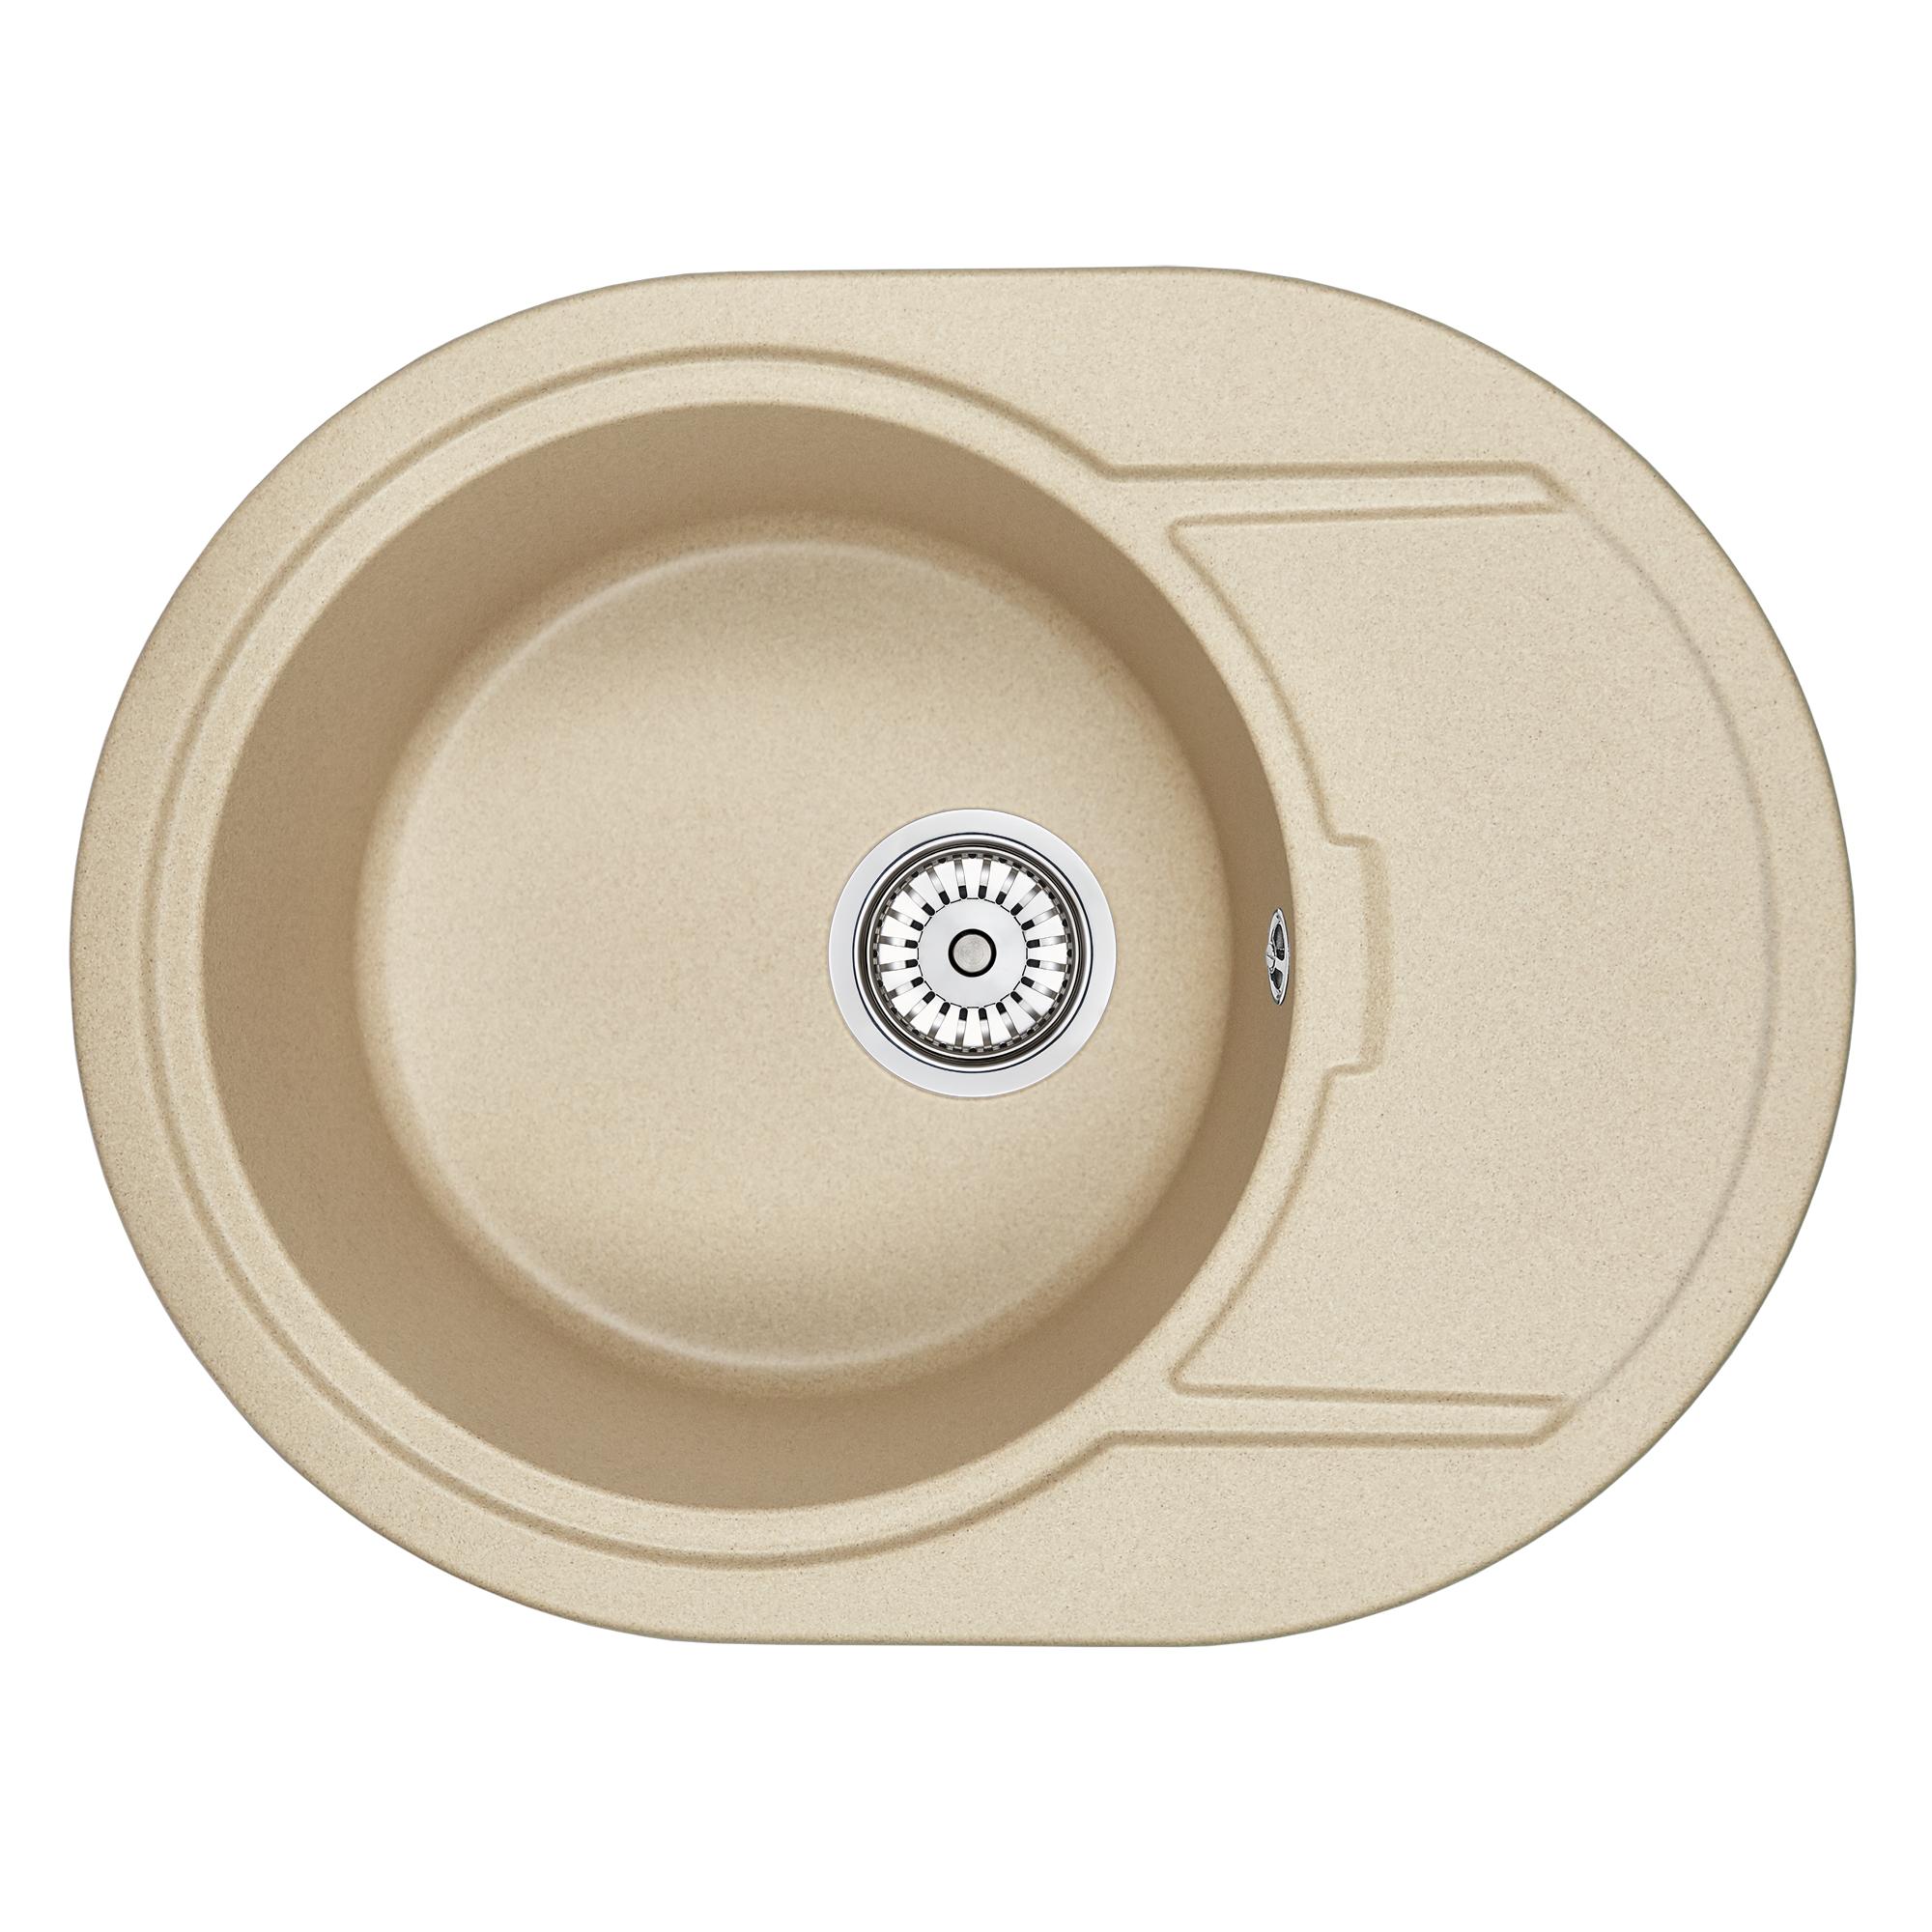 Кухонная мойка Granula GR-6502 650х500 песок кухонная мойка granula gr 6201 620х500 песок